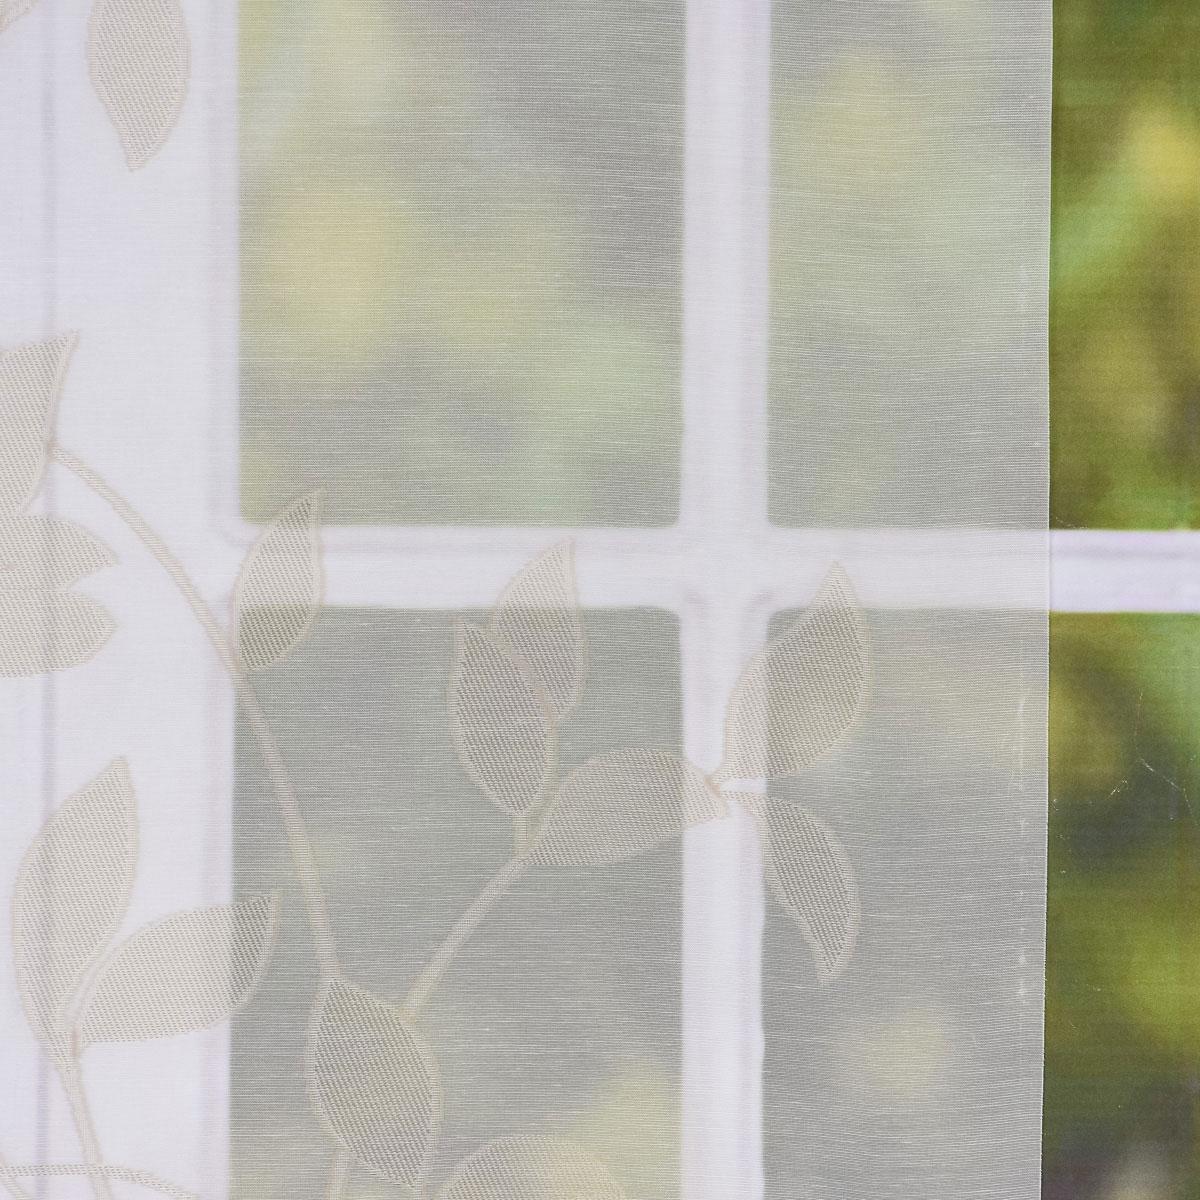 gardine paneele schiebevorhang ecru mit bl tterranken beige 60cm breite alle stoffe stoffe. Black Bedroom Furniture Sets. Home Design Ideas